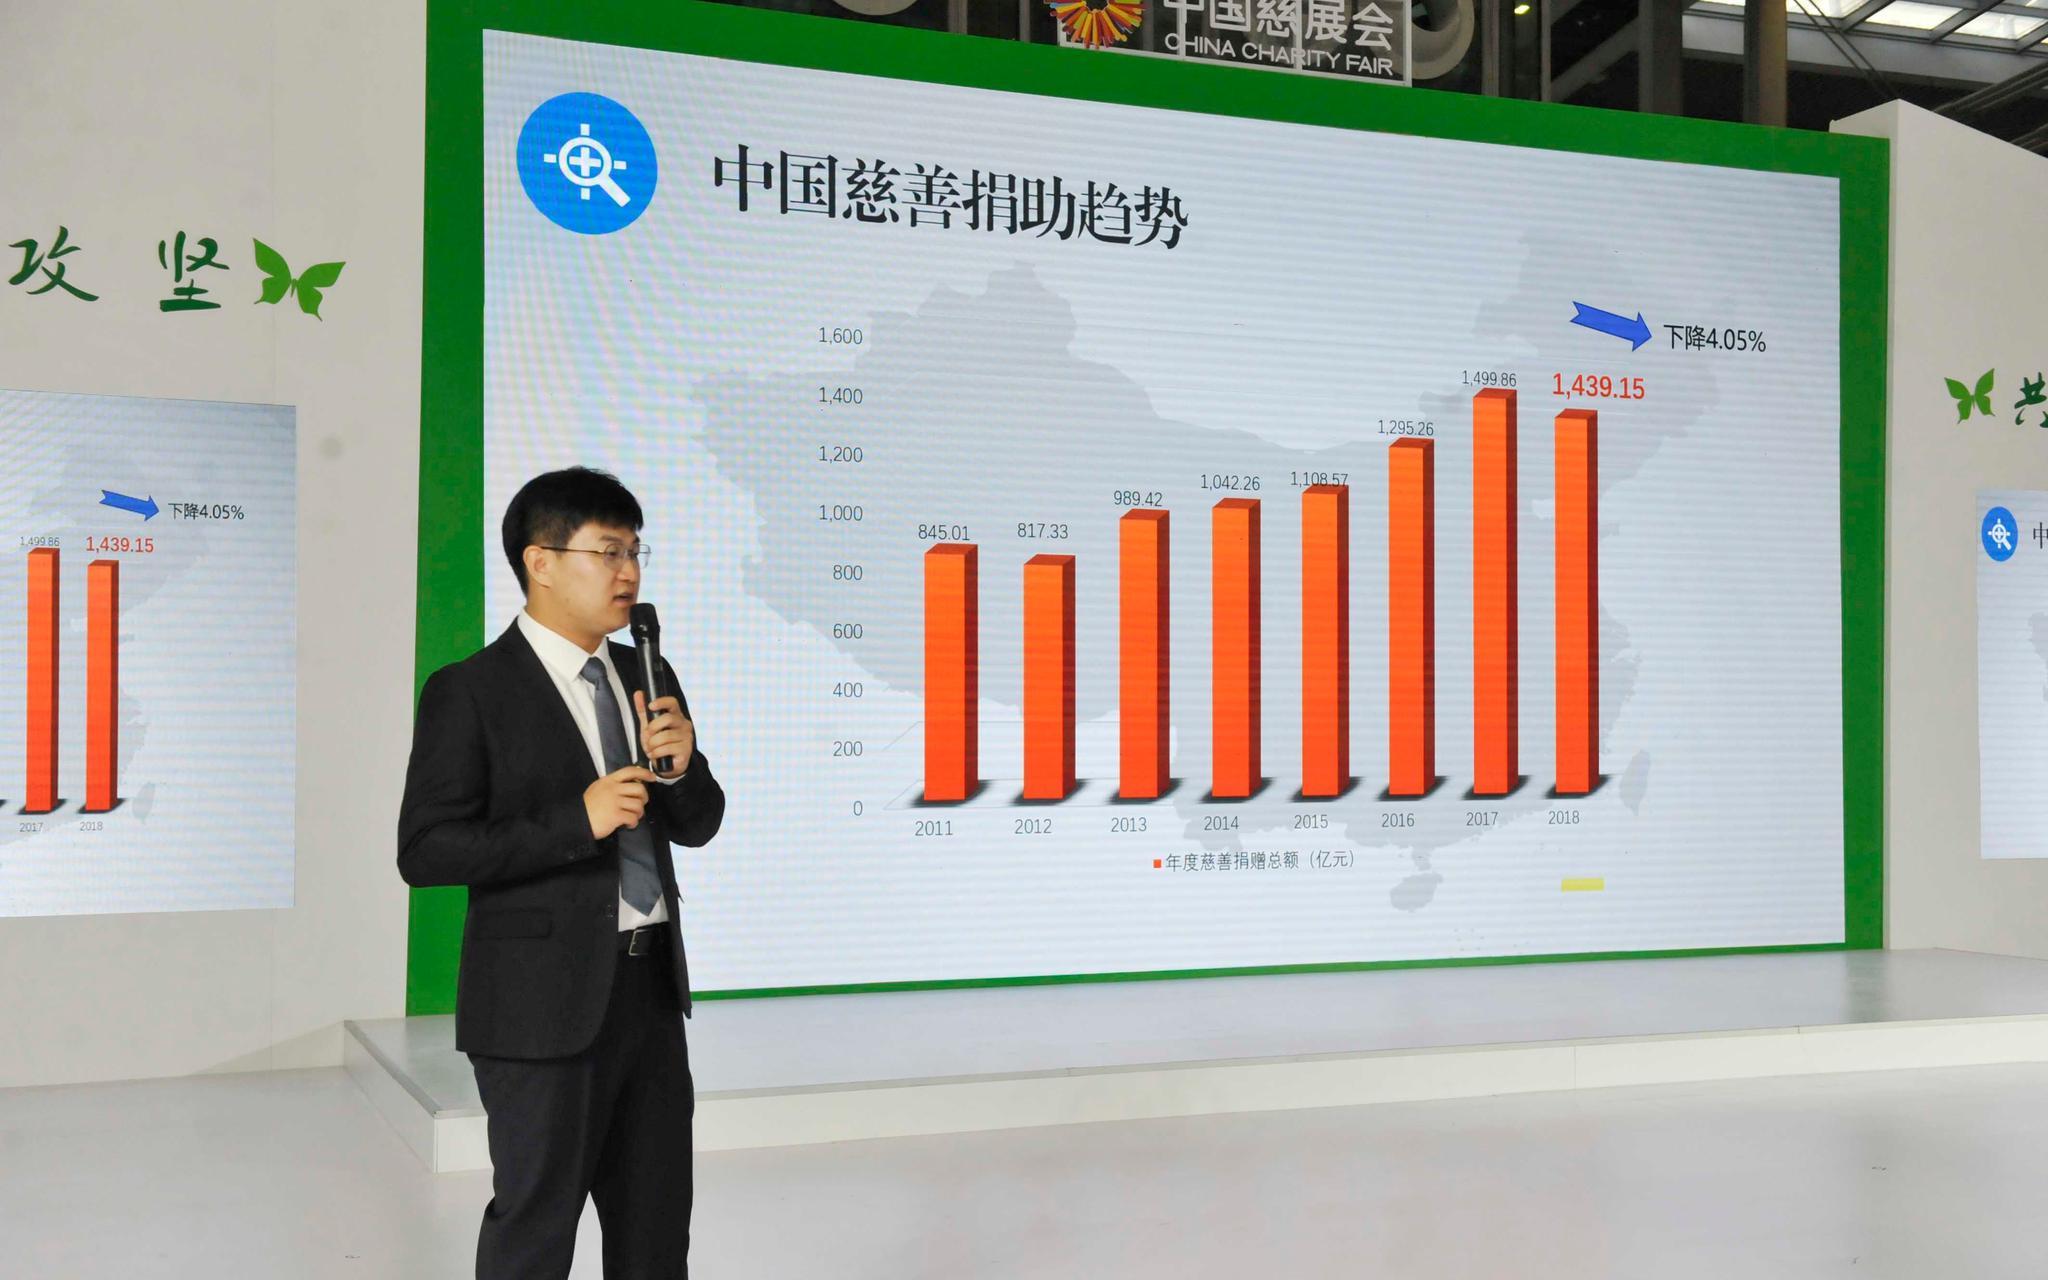 同城创业项目_中国慈善联合会:去年现金捐赠超千亿元 创新高